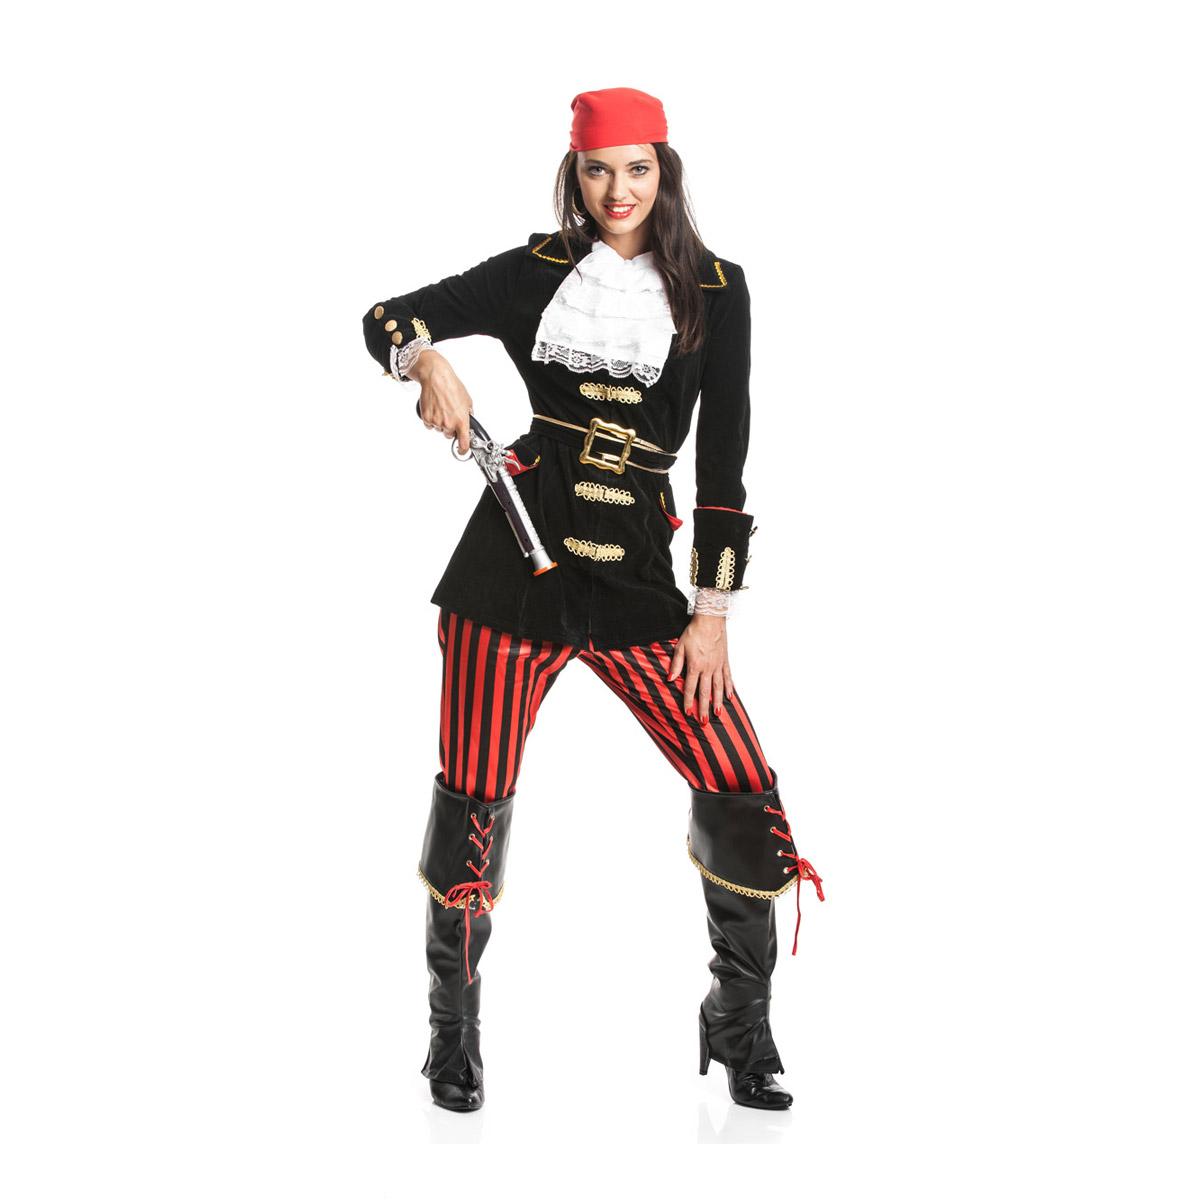 piratin kost m damen deluxe komplettes karnevalskost m kost mplanet. Black Bedroom Furniture Sets. Home Design Ideas